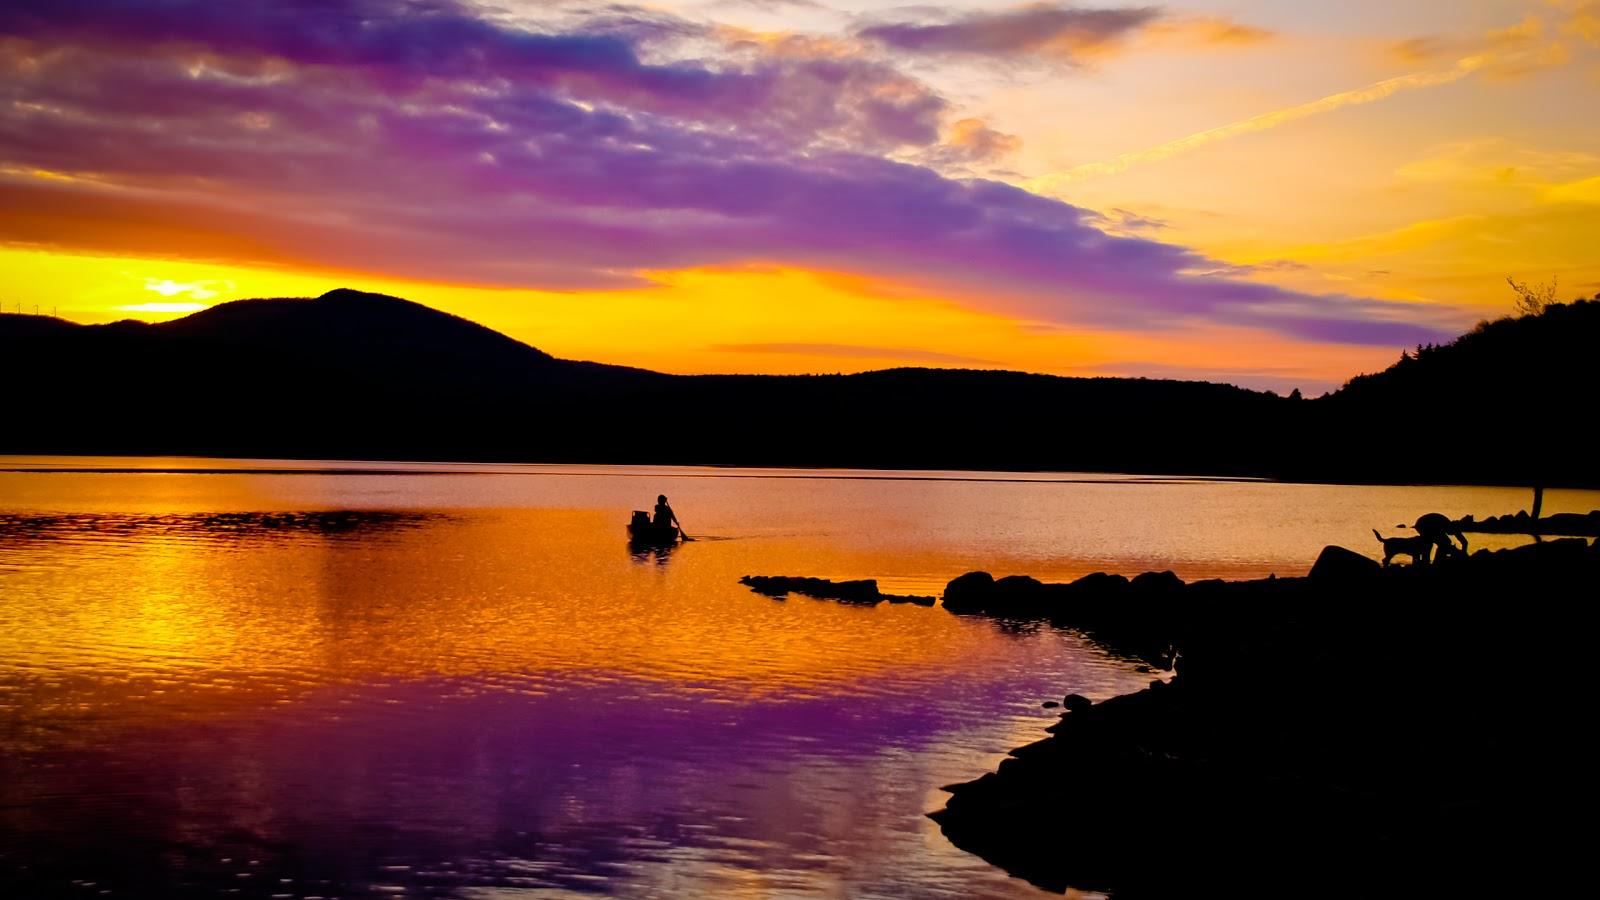 Yellowish Sunset Wallpaper, Beautiful Sunset Wallpaper, Sunset Wallpaper